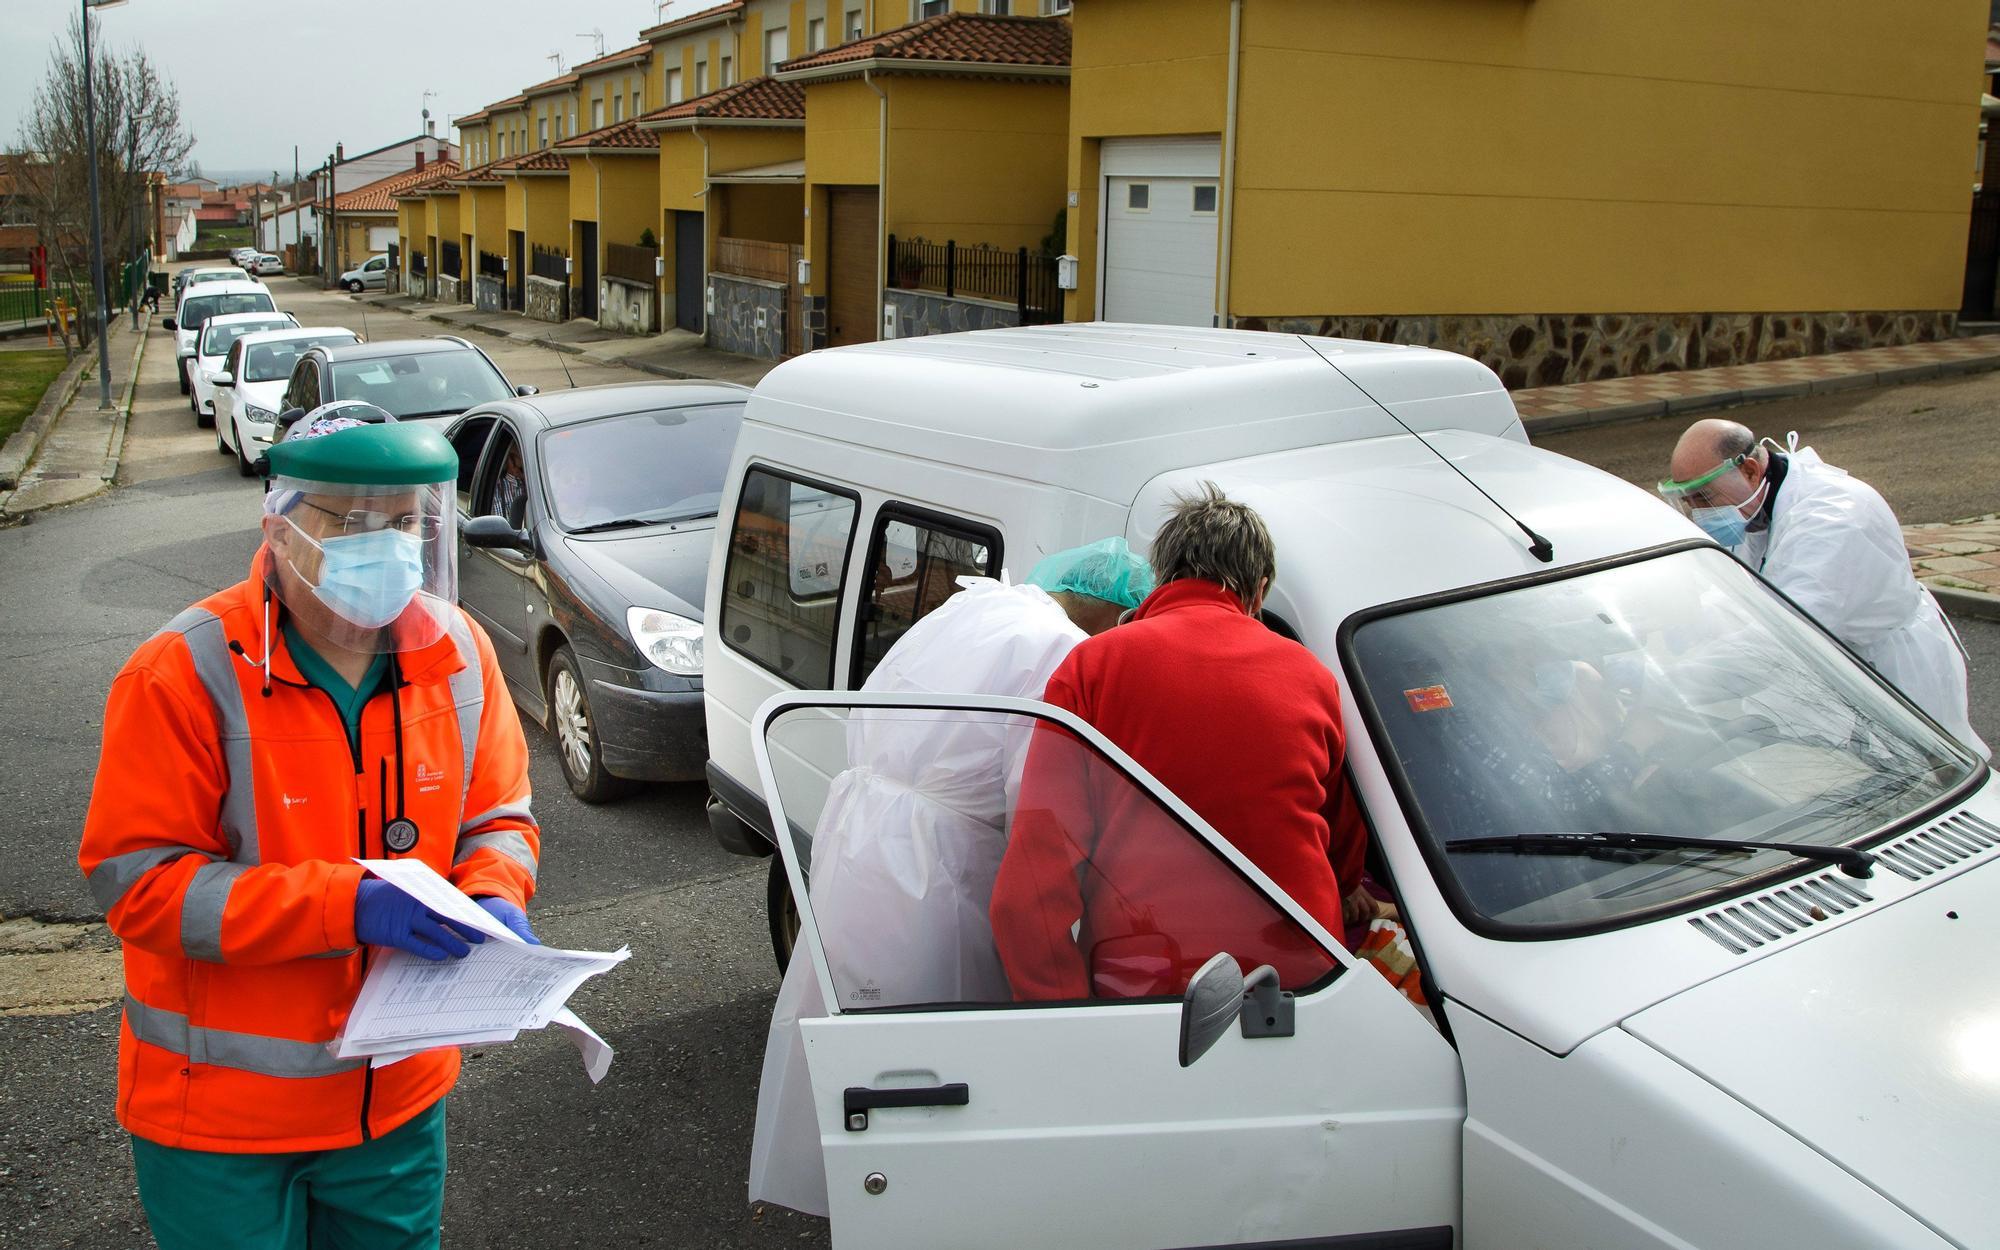 Así es la vacunación a personas dependientes desde el coche en Salamanca